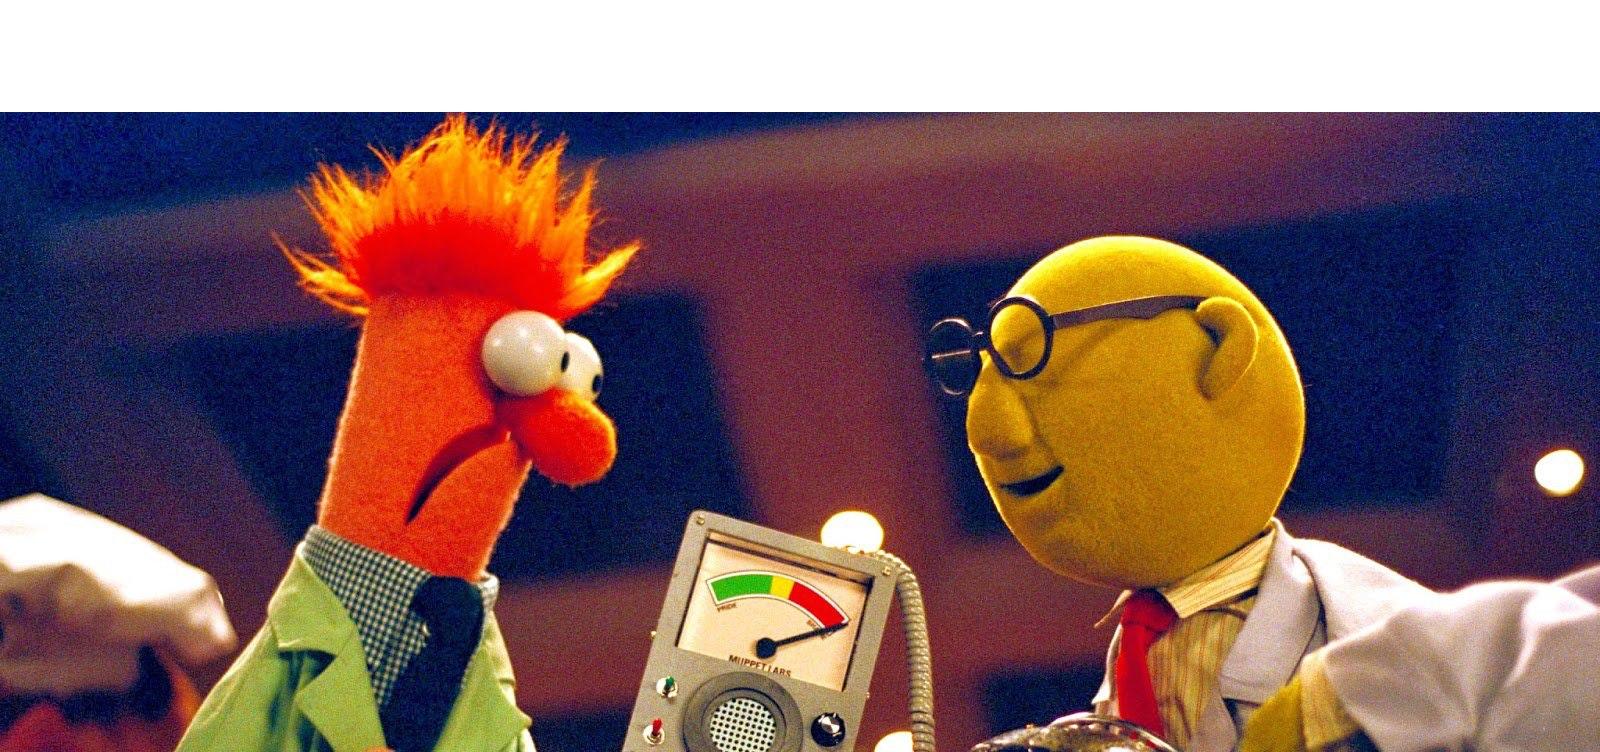 Muppet round 2